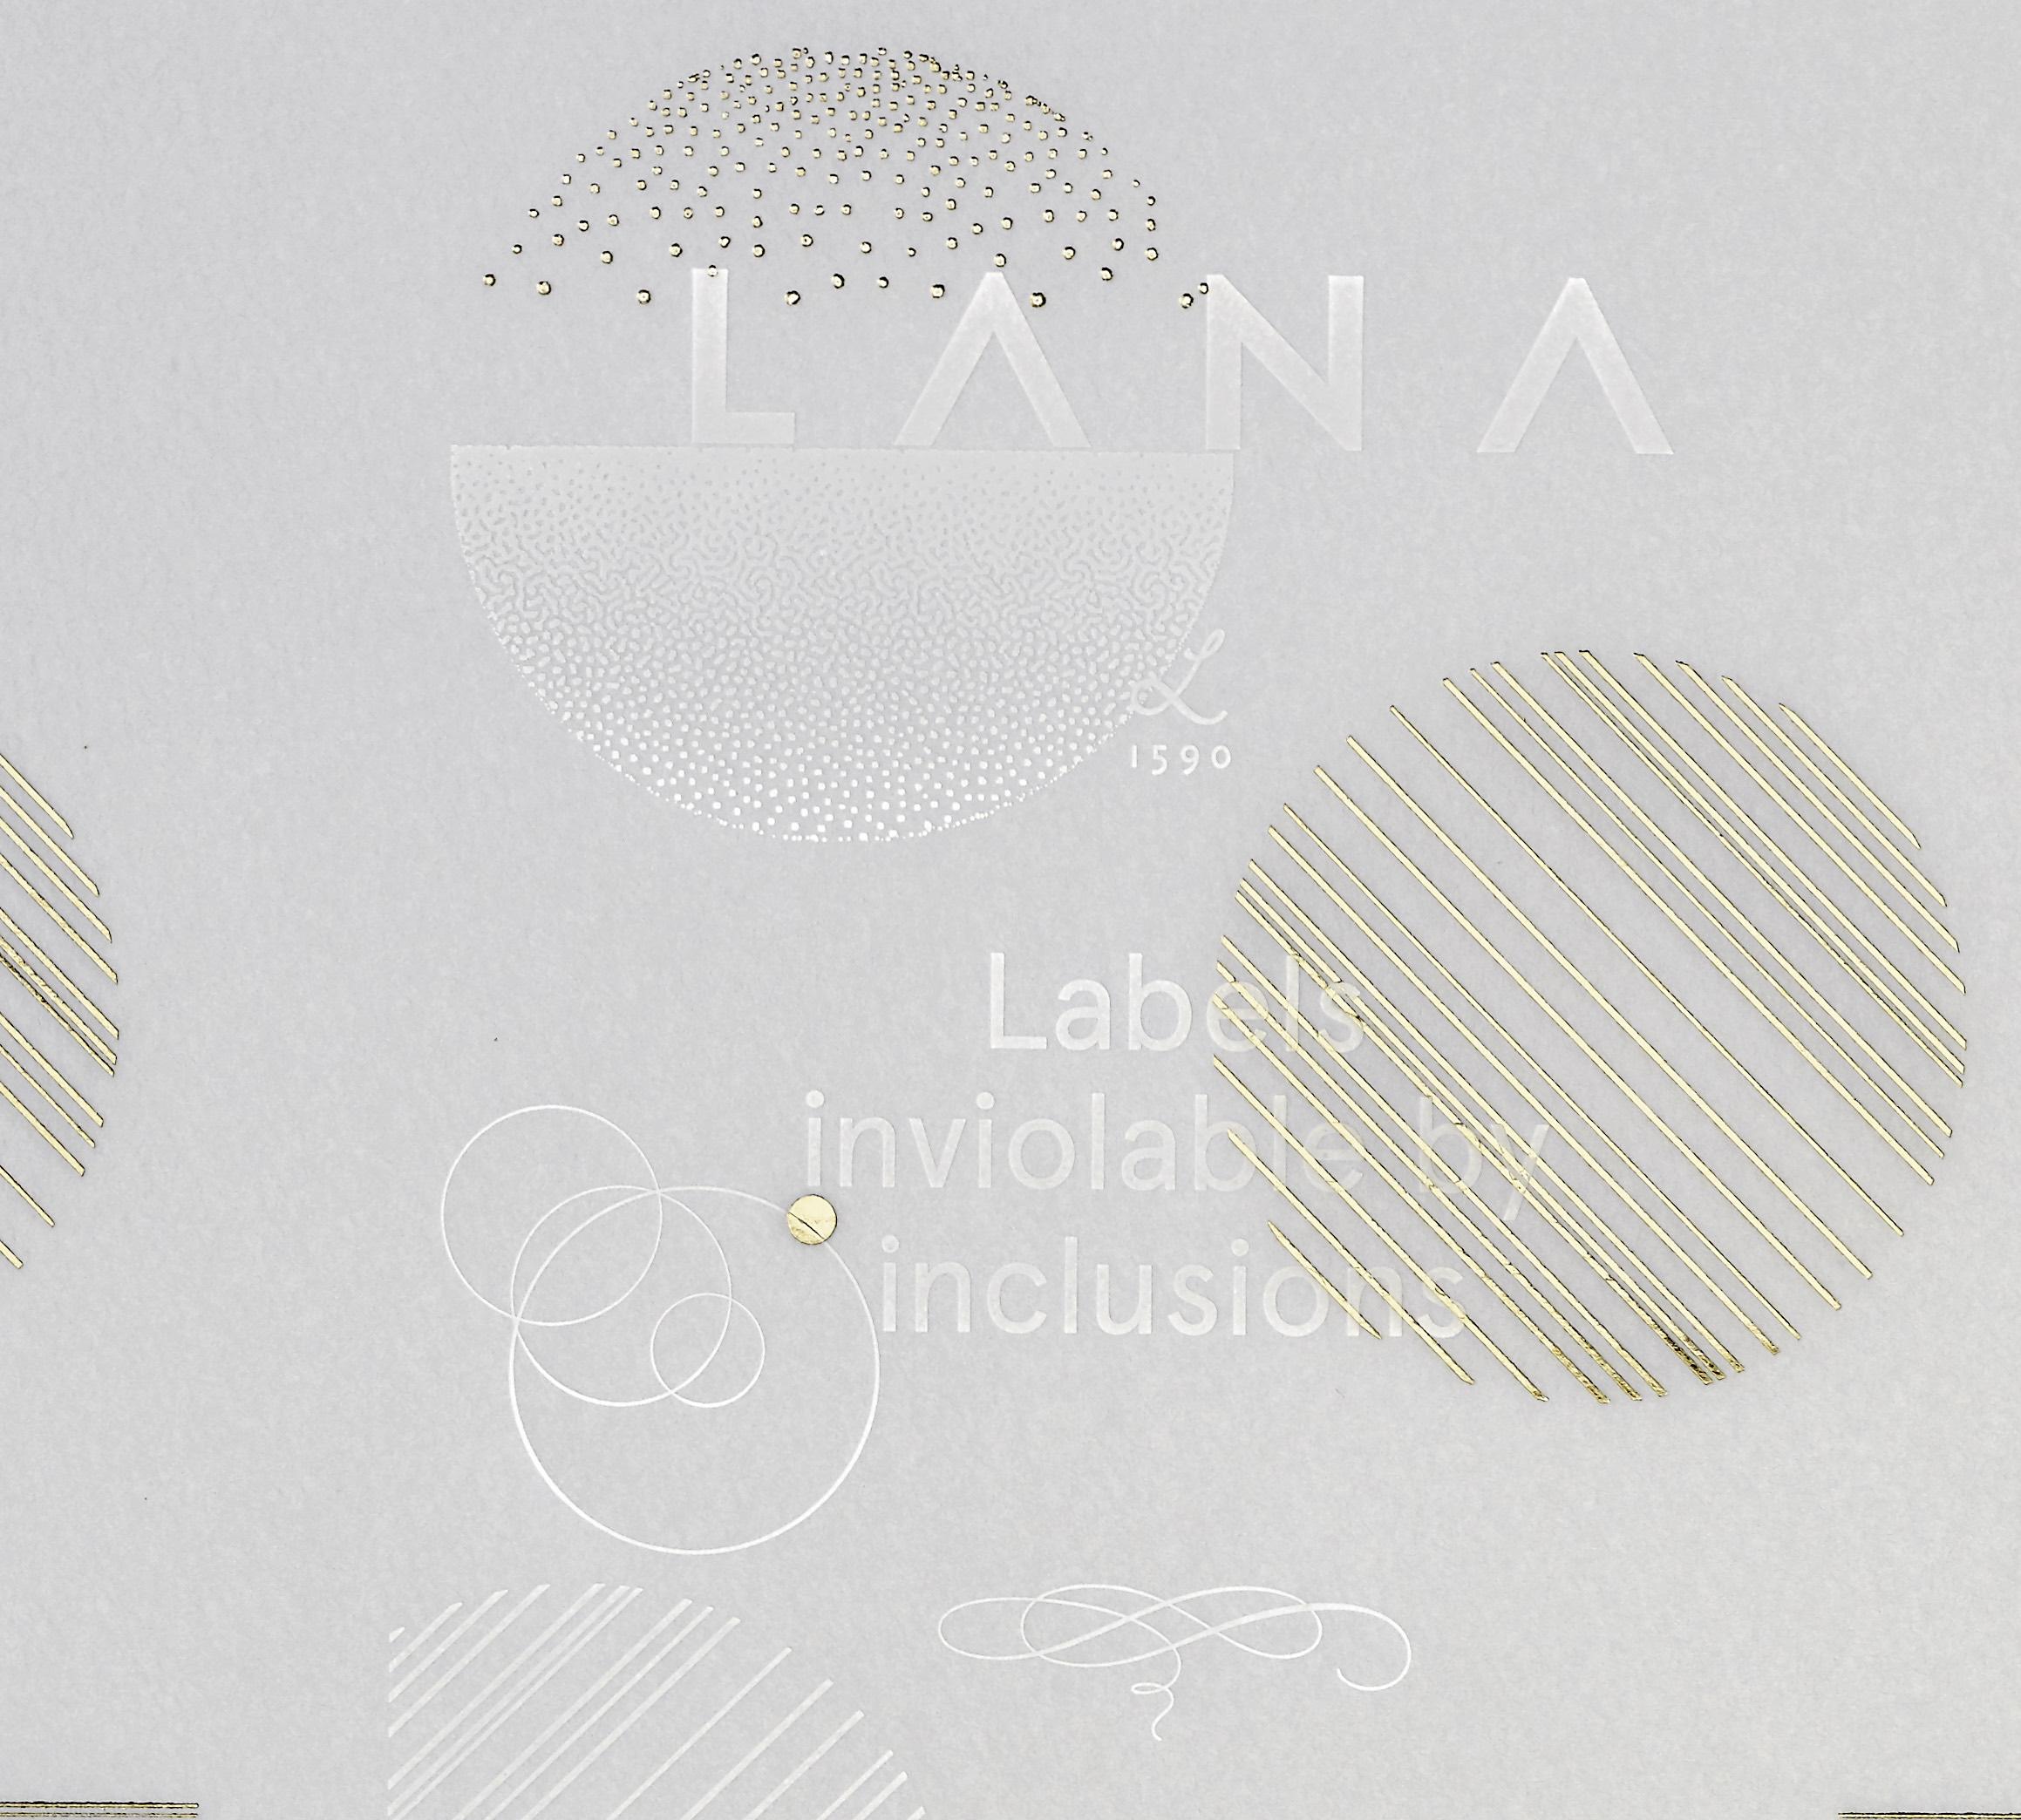 Lana-lumiere-2